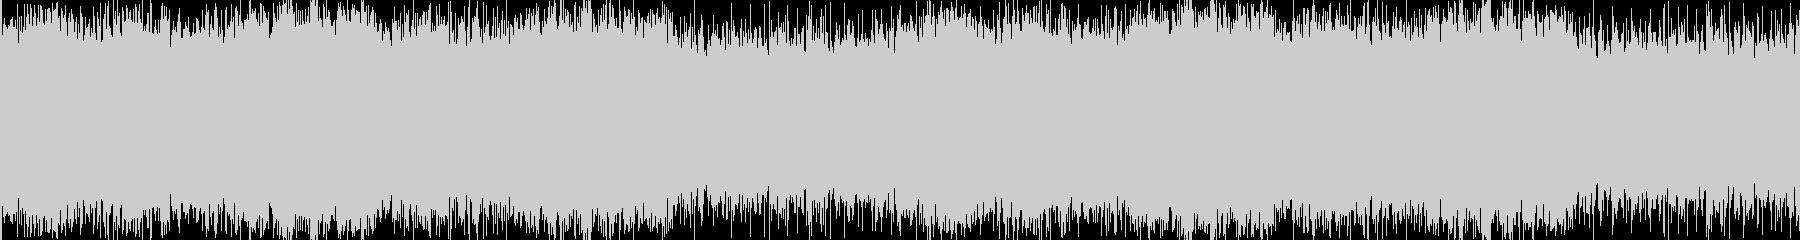 ロック_デジタル_切ない_4の未再生の波形